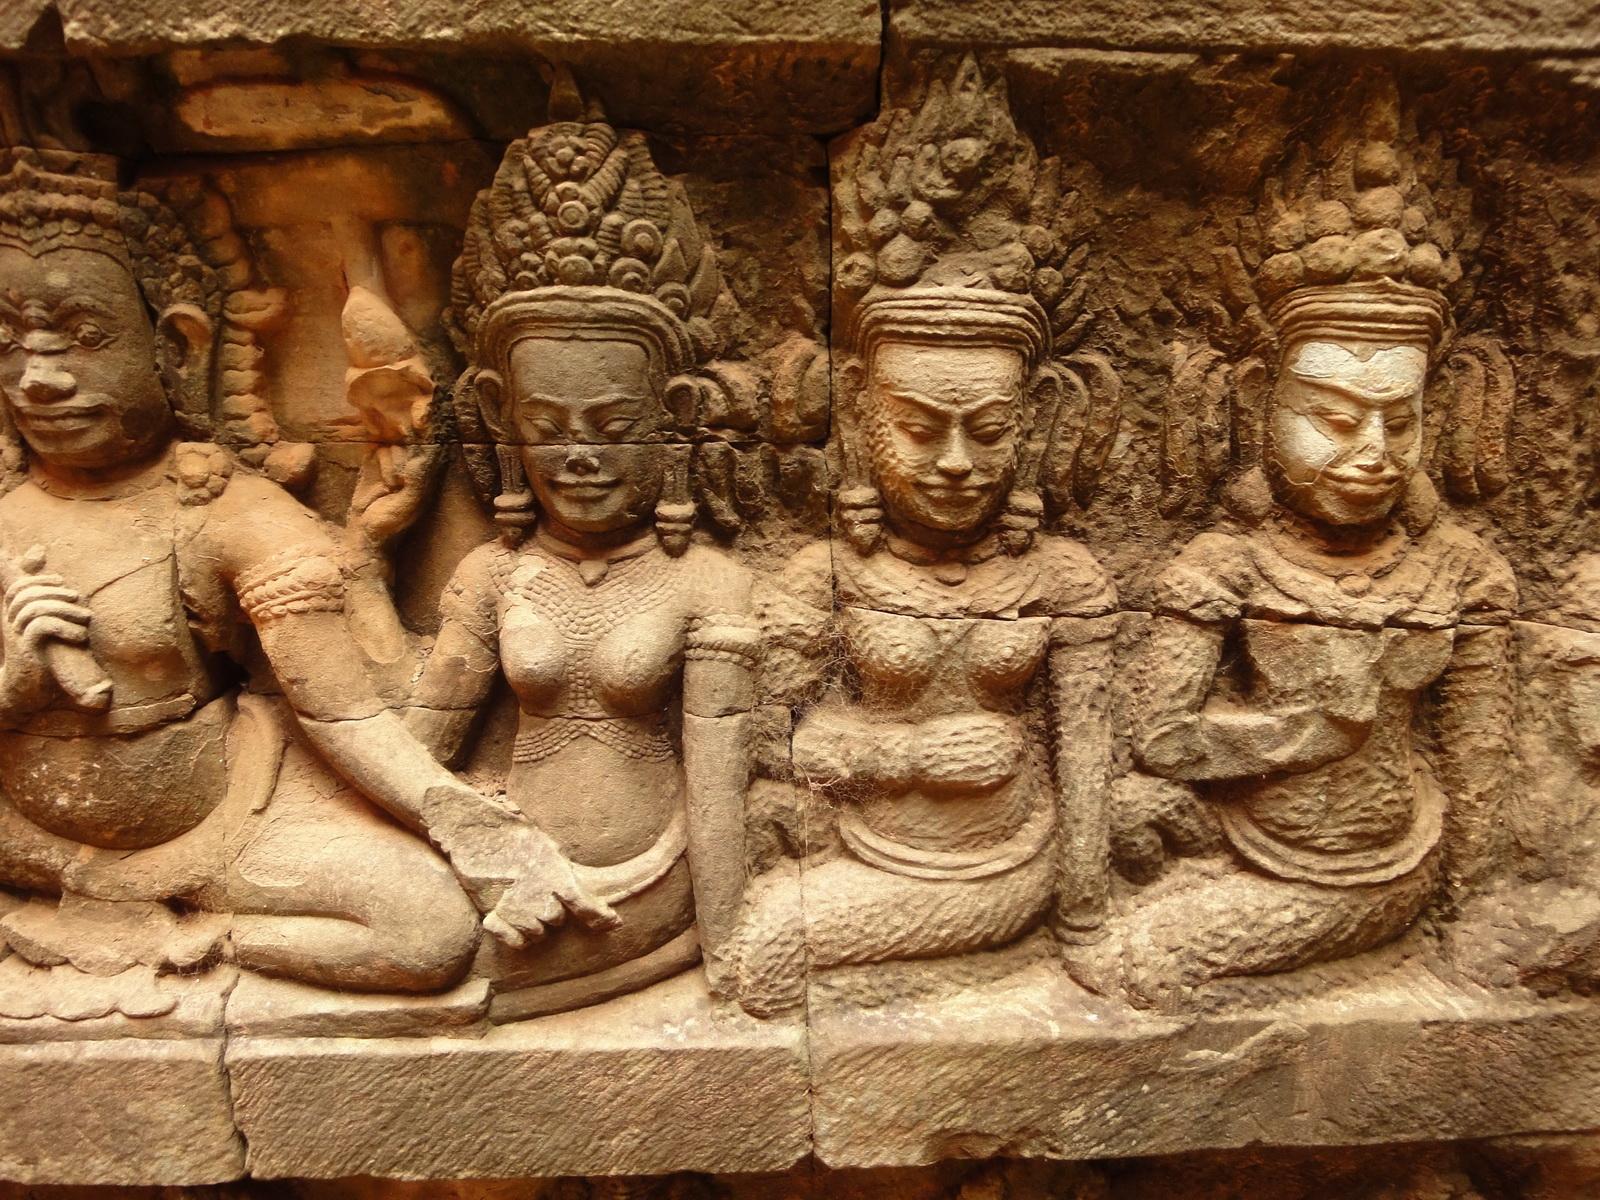 Leper King Terrace hidden wall underworld Nagas and deities 077